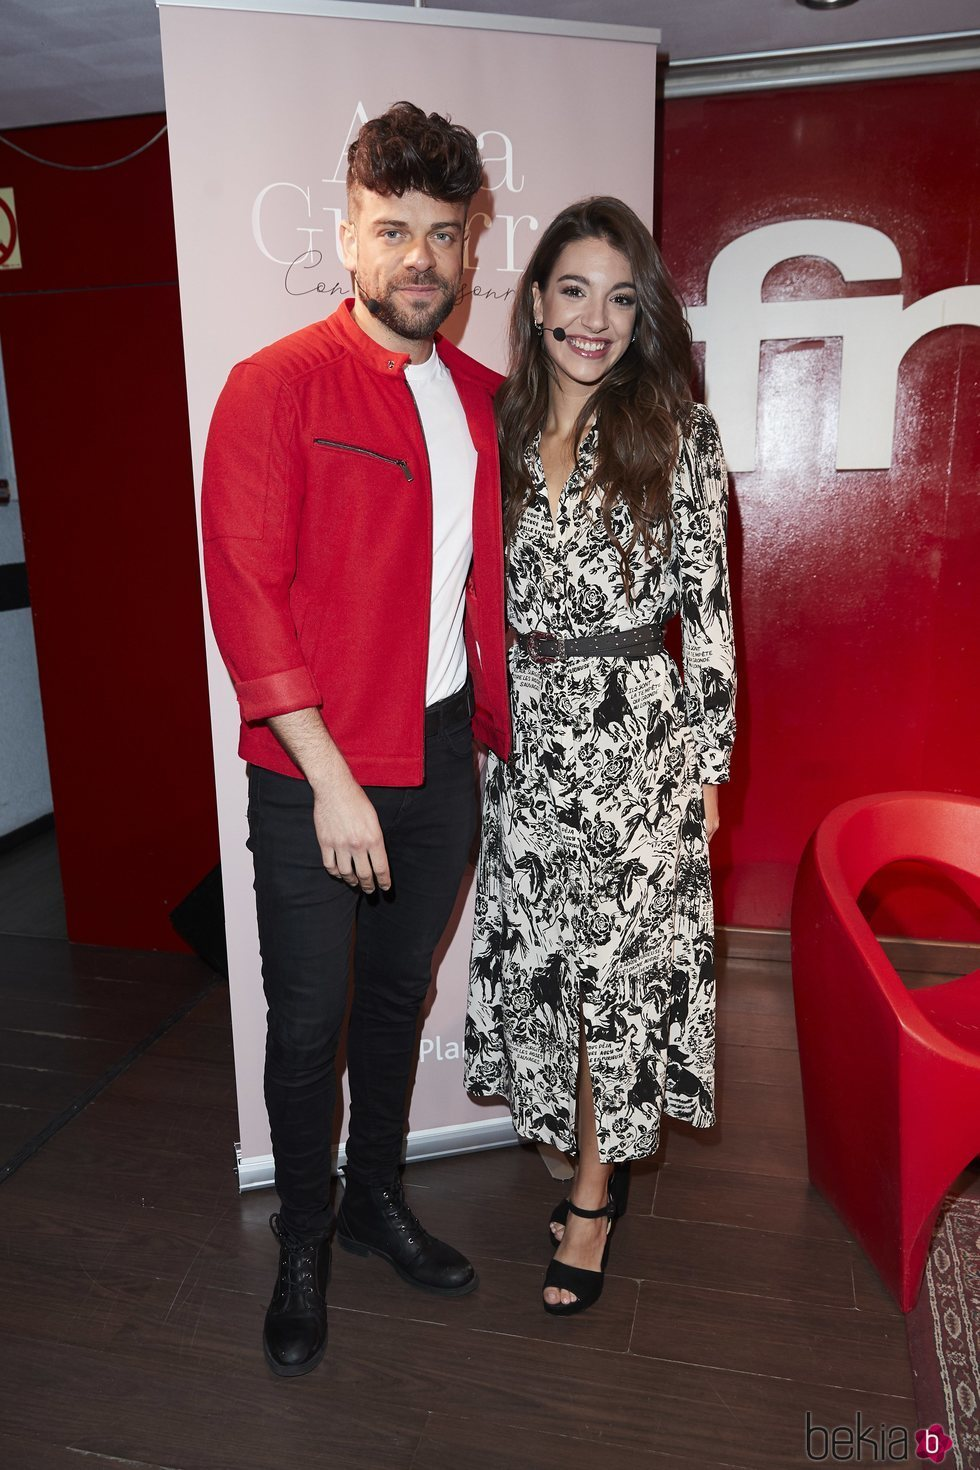 Ana Guerra y Ricky Merino en la presentación de su libro 'Con una sonrisa'